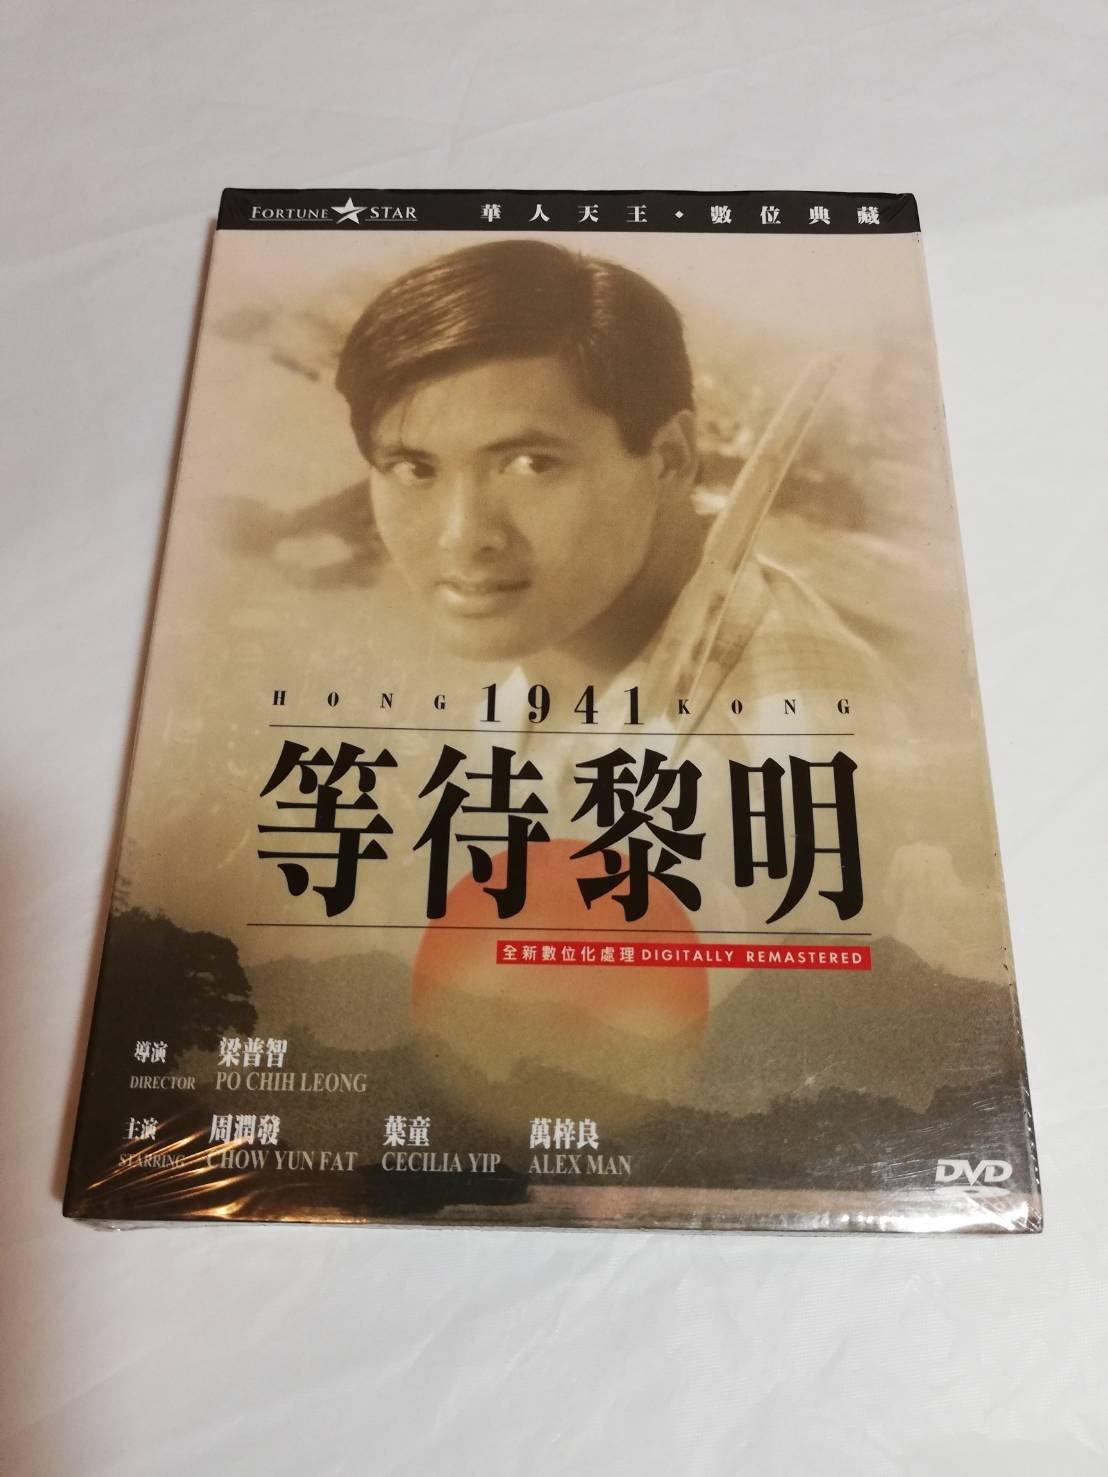 全新電影《等待黎明 》DVD 周潤發 葉童 萬梓良(全新數位化處理) 金馬獎的最佳男主角